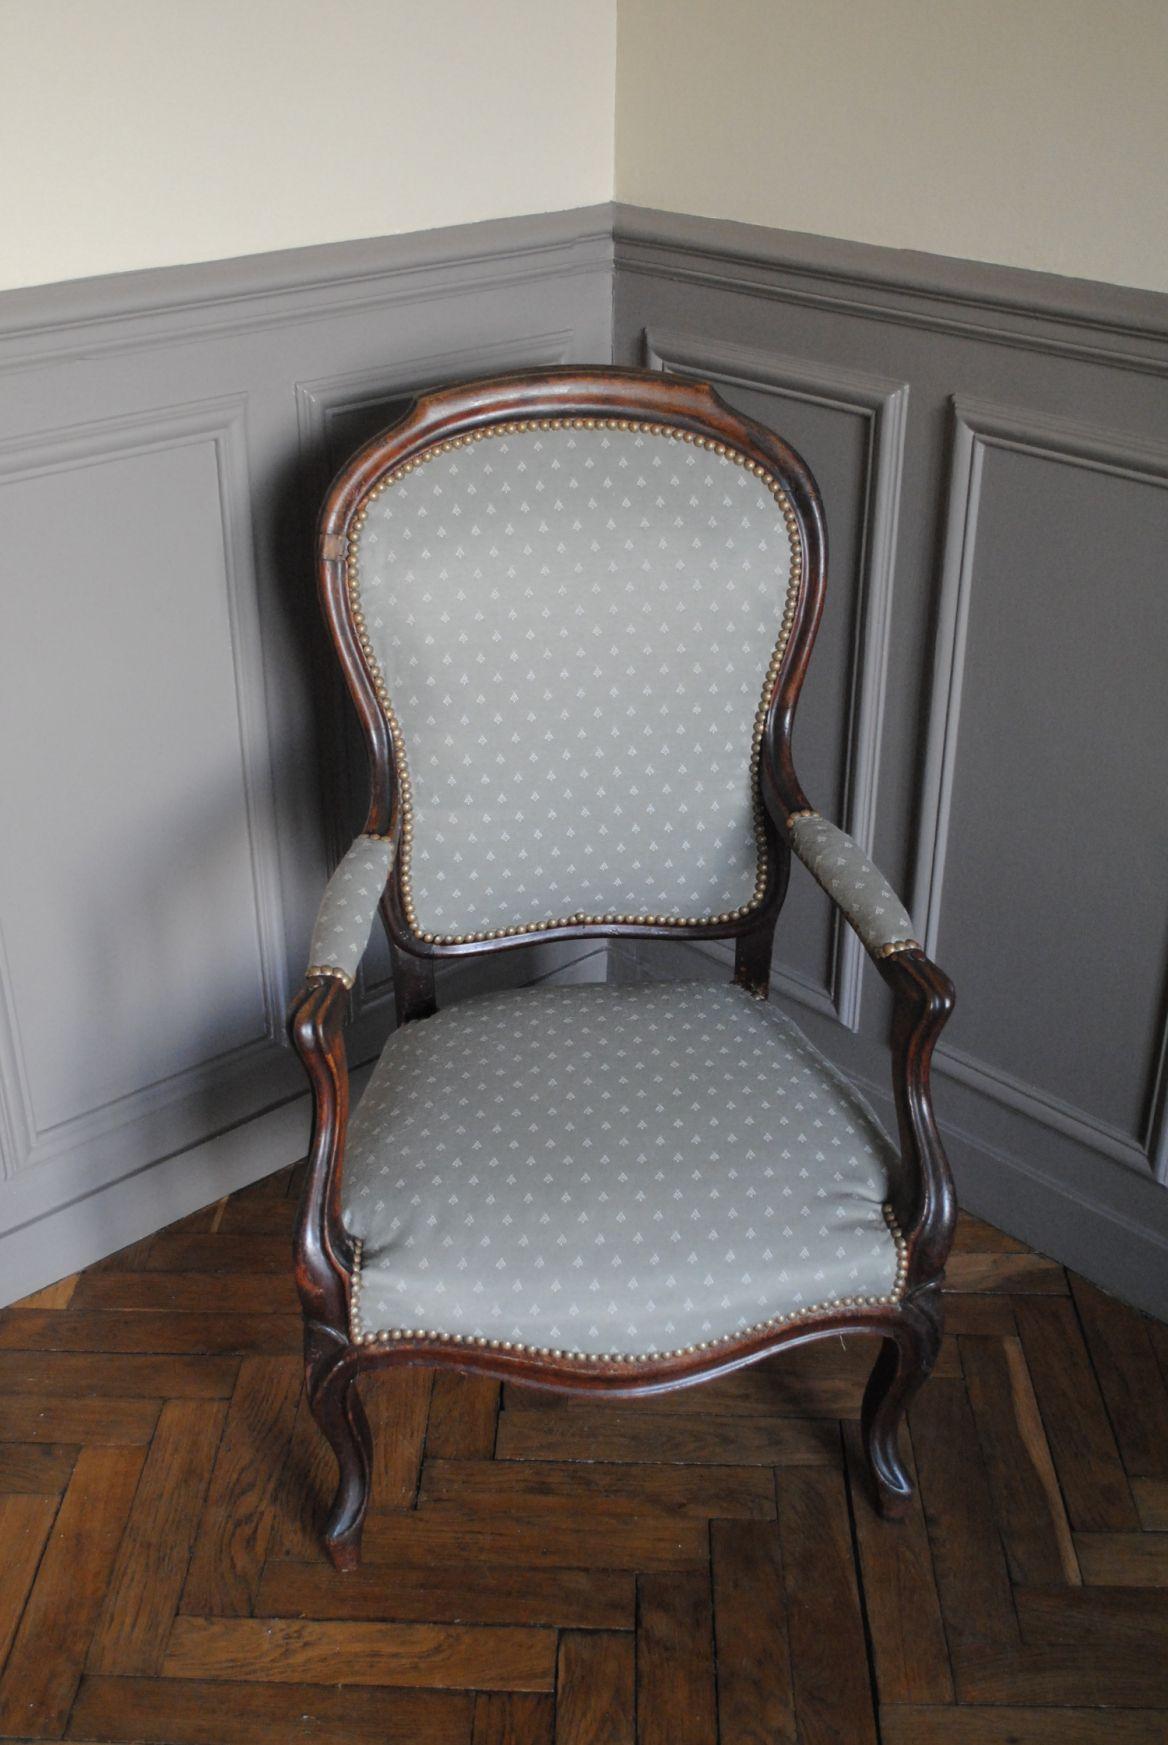 diy retapisser un fauteuil 08 - Retapisser Un Fauteuil Voltaire